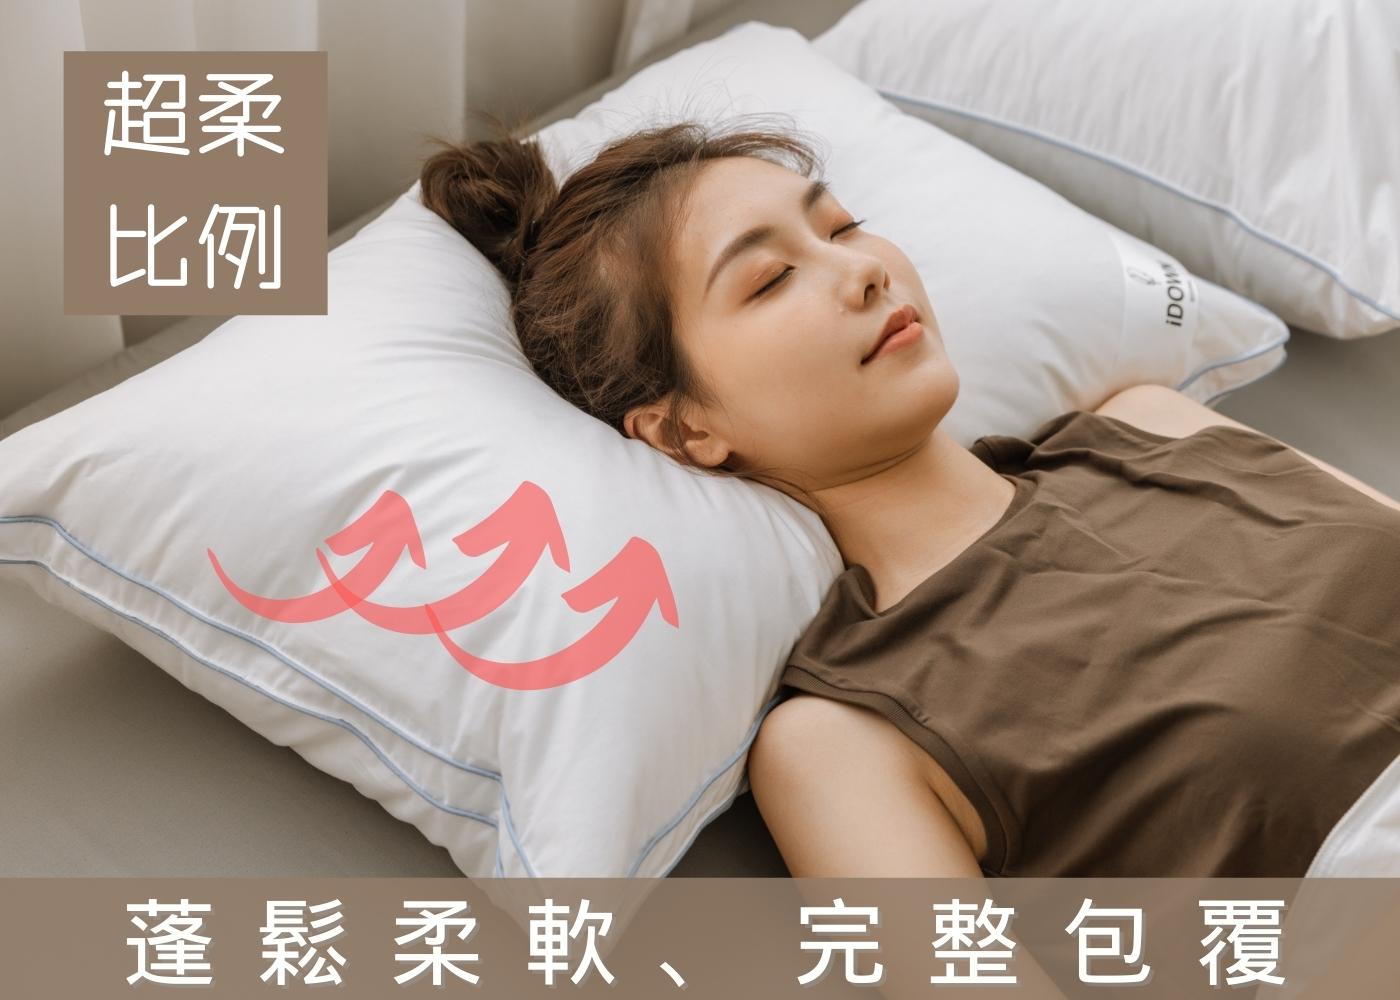 立體邊枕銷售頁 (1).jpg